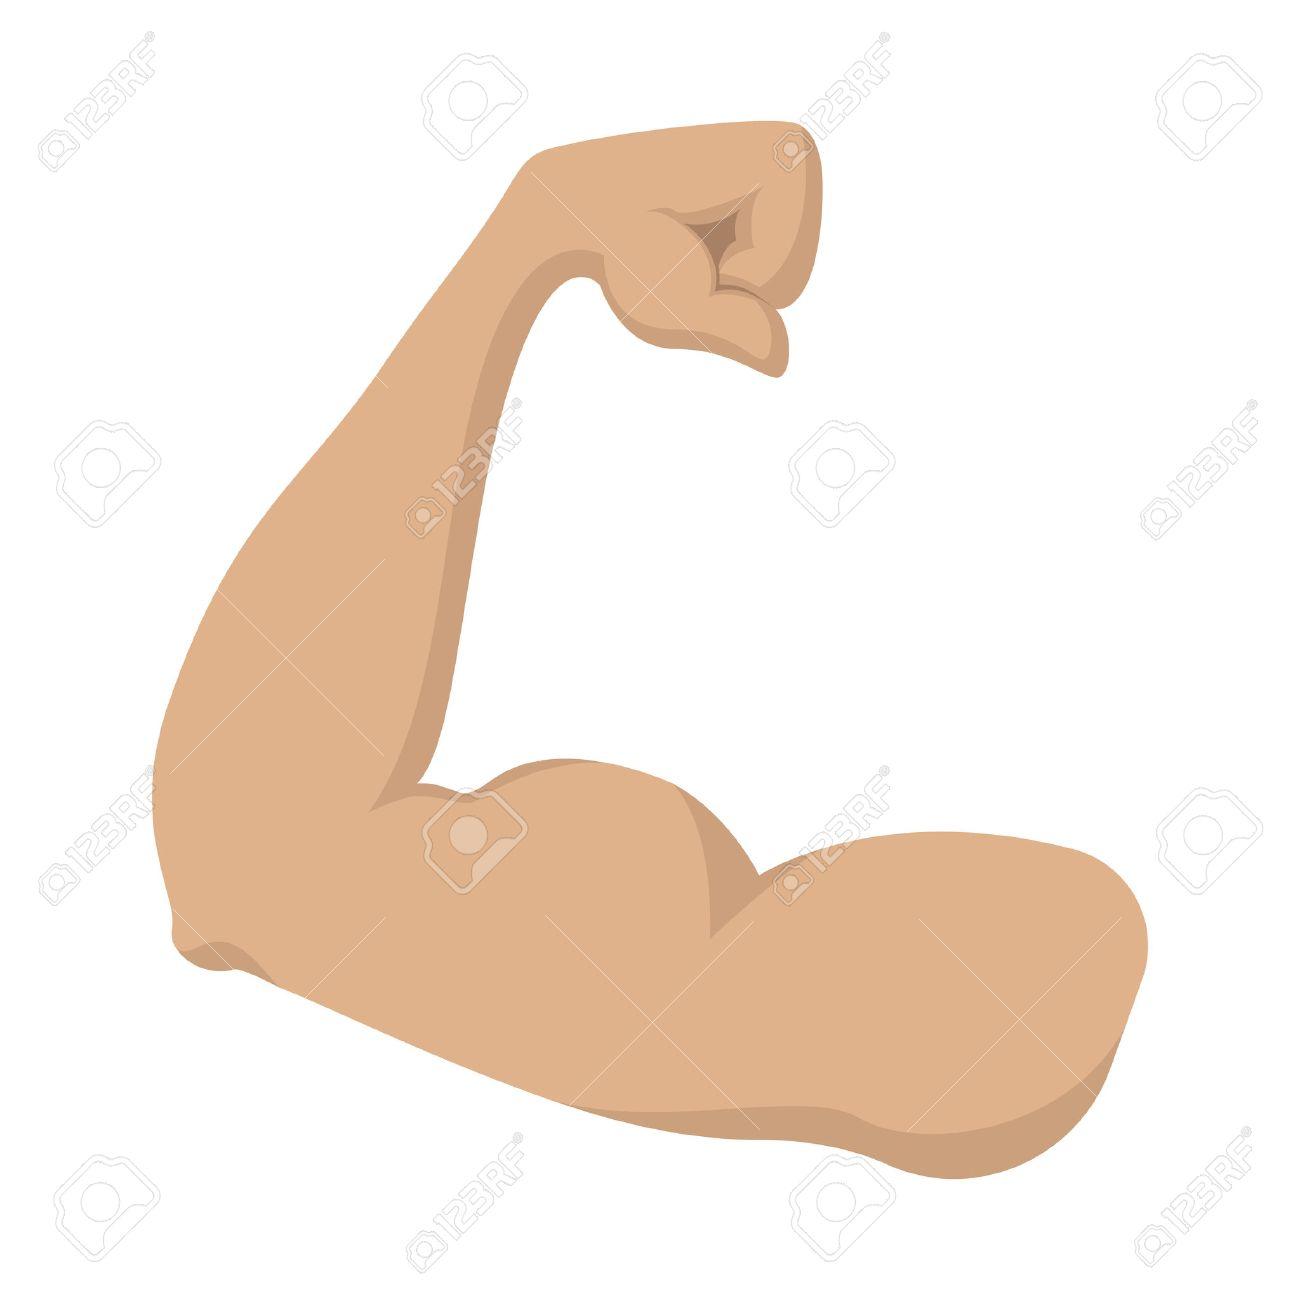 Hermosa Muscular Del Brazo De Dibujos Animados Ideas - Anatomía de ...